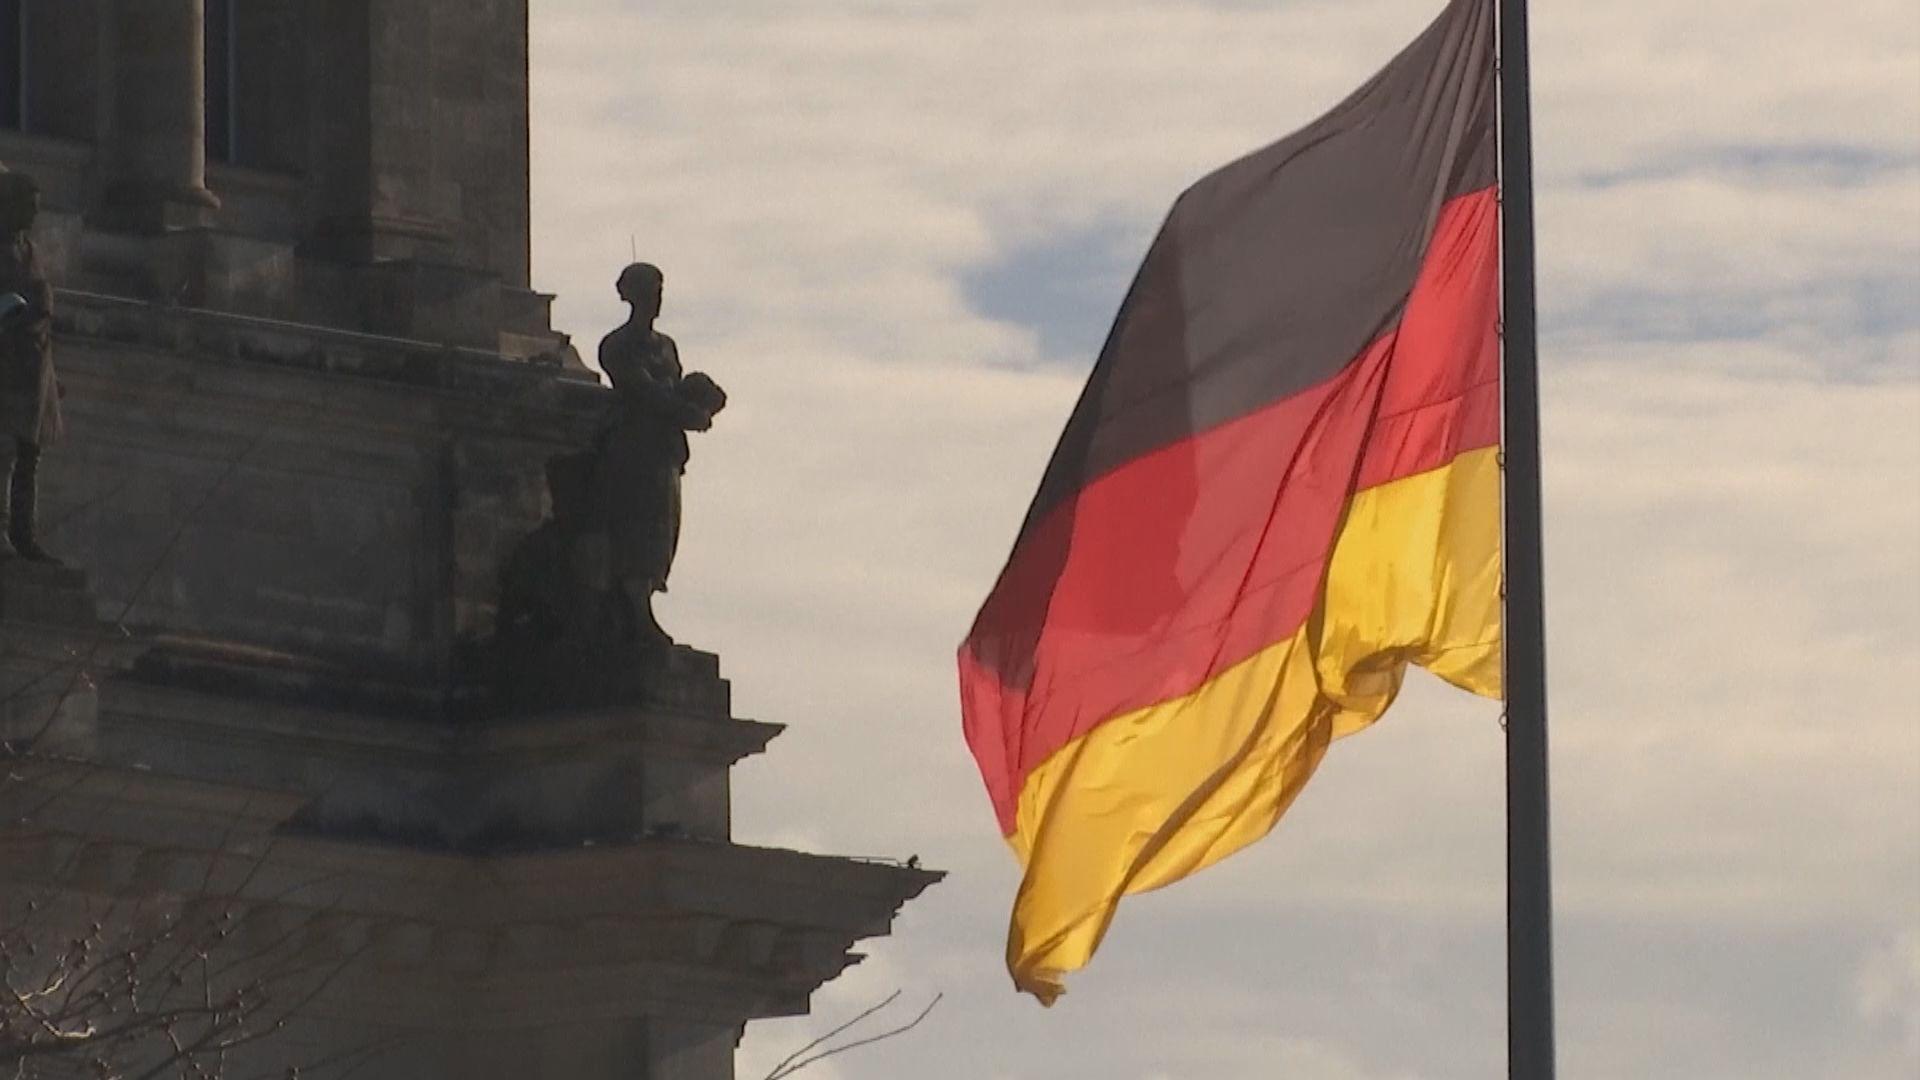 德國批評取消四議員資格削弱多元主義及表達自由